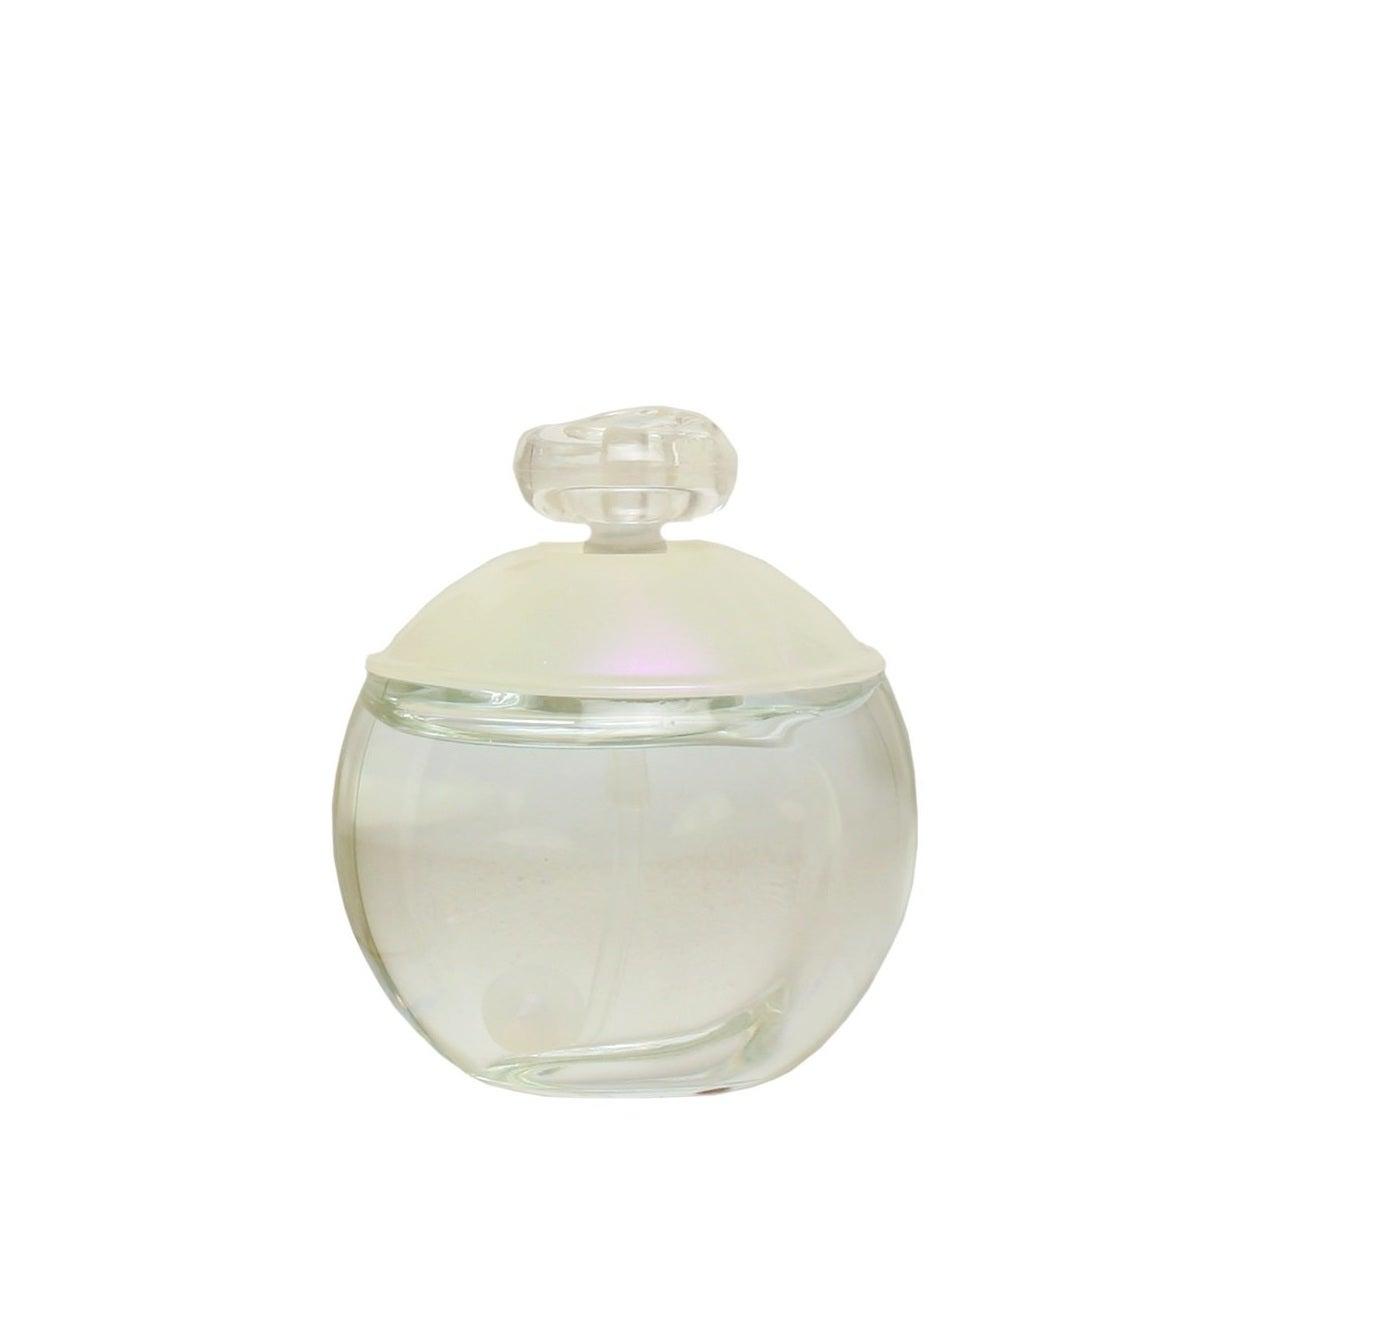 Cacharel Noa Women's Perfume